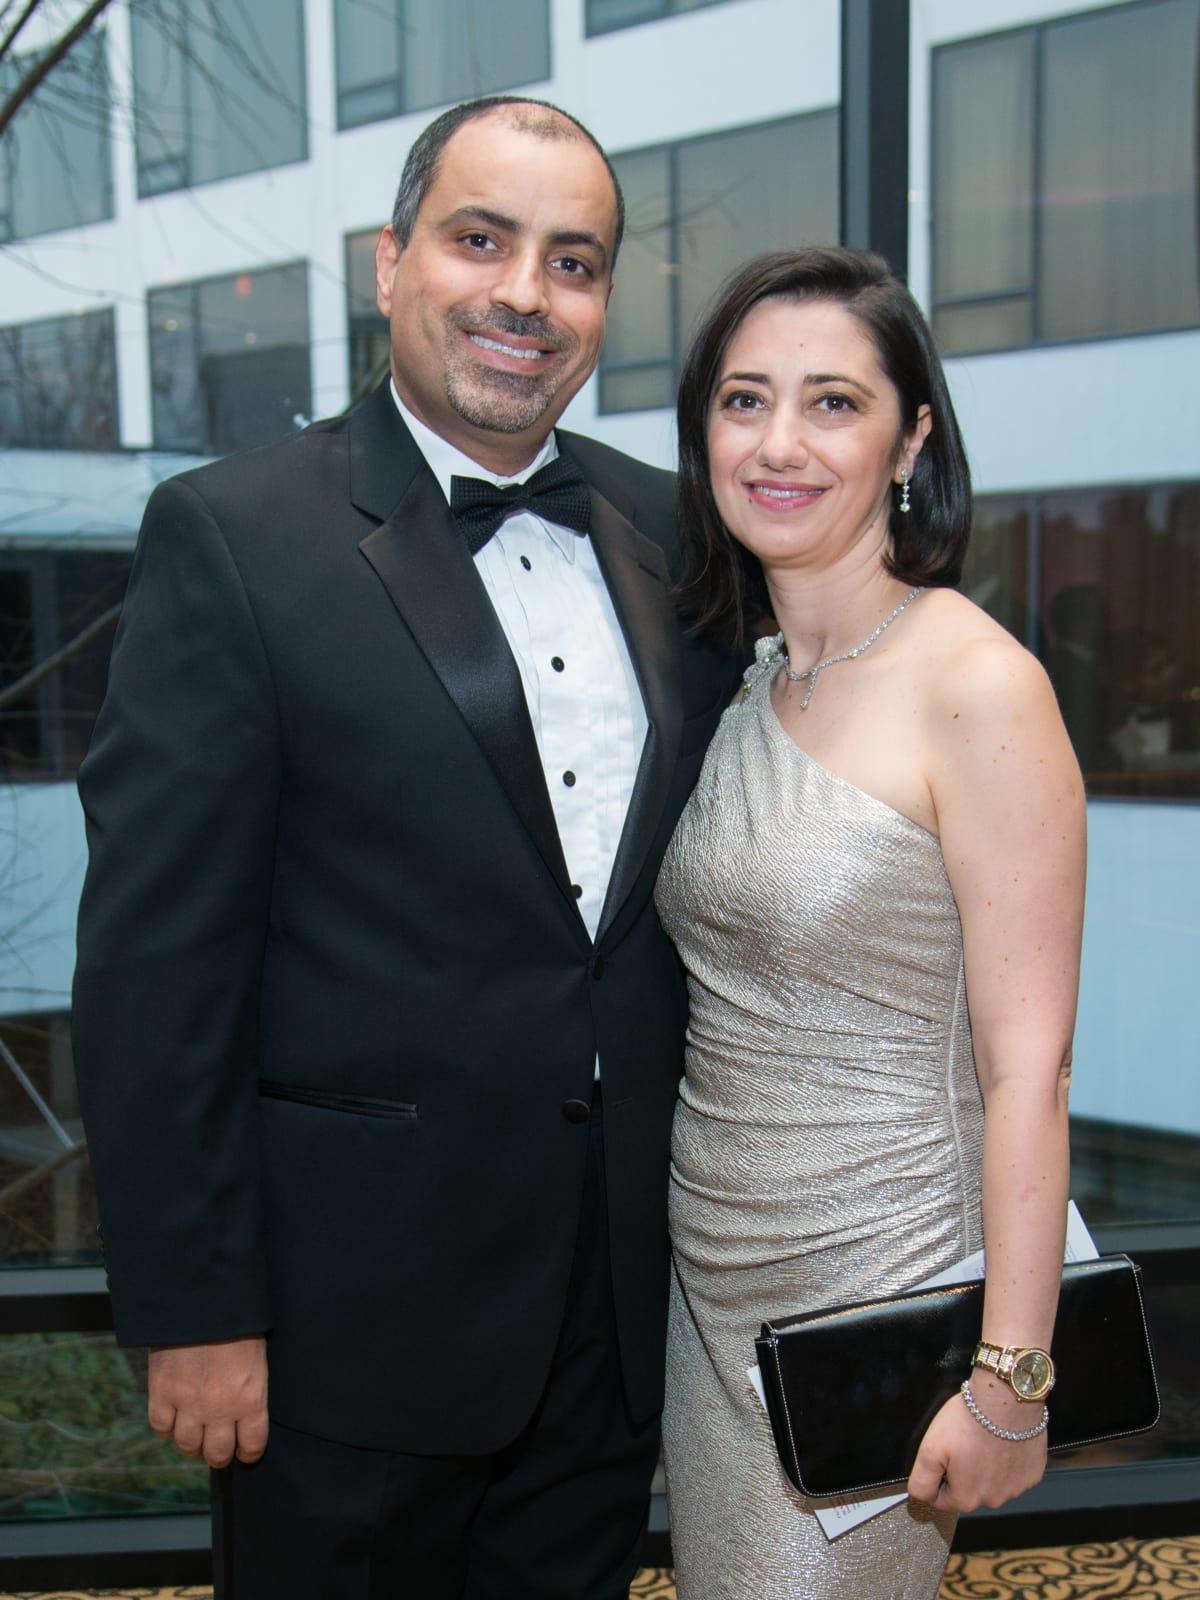 Komen Foundation 25th Gala, Feb. 2016, Dr. Mothaffar, Lara Rimawi